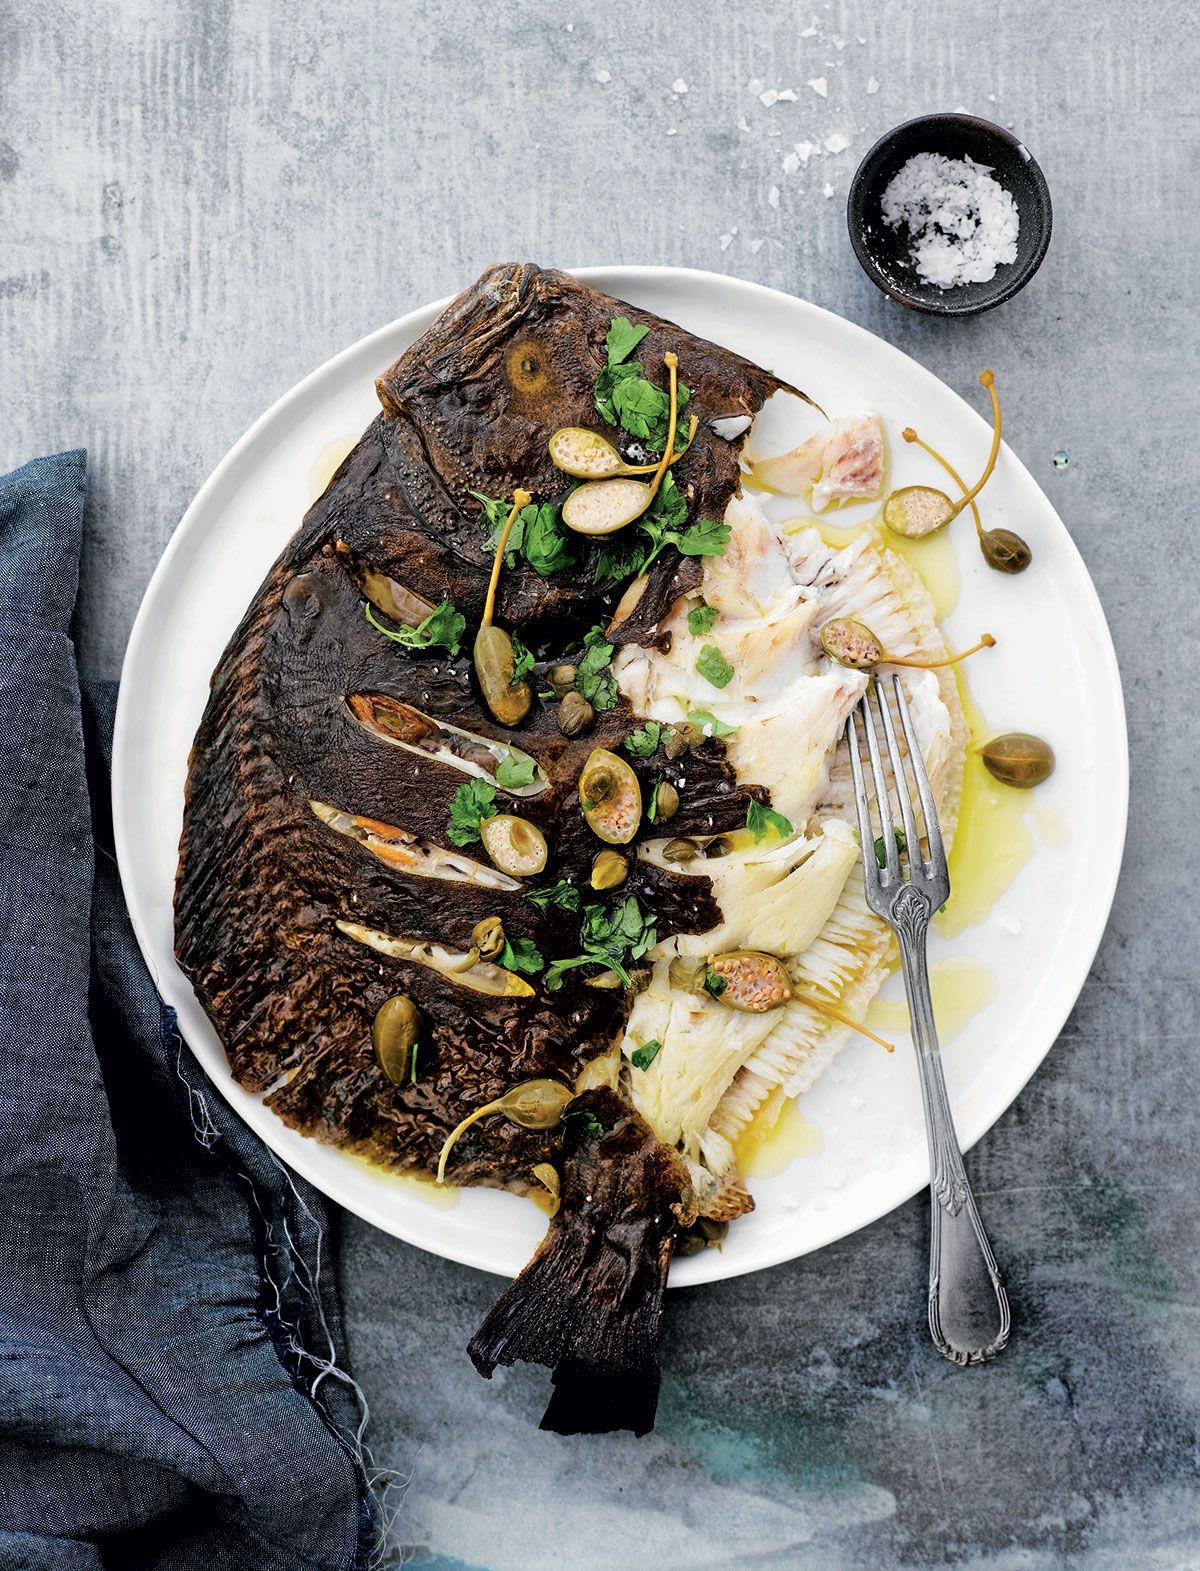 Resepti: Vaaleaa kalaa kapris-sitruunakastikkeessa